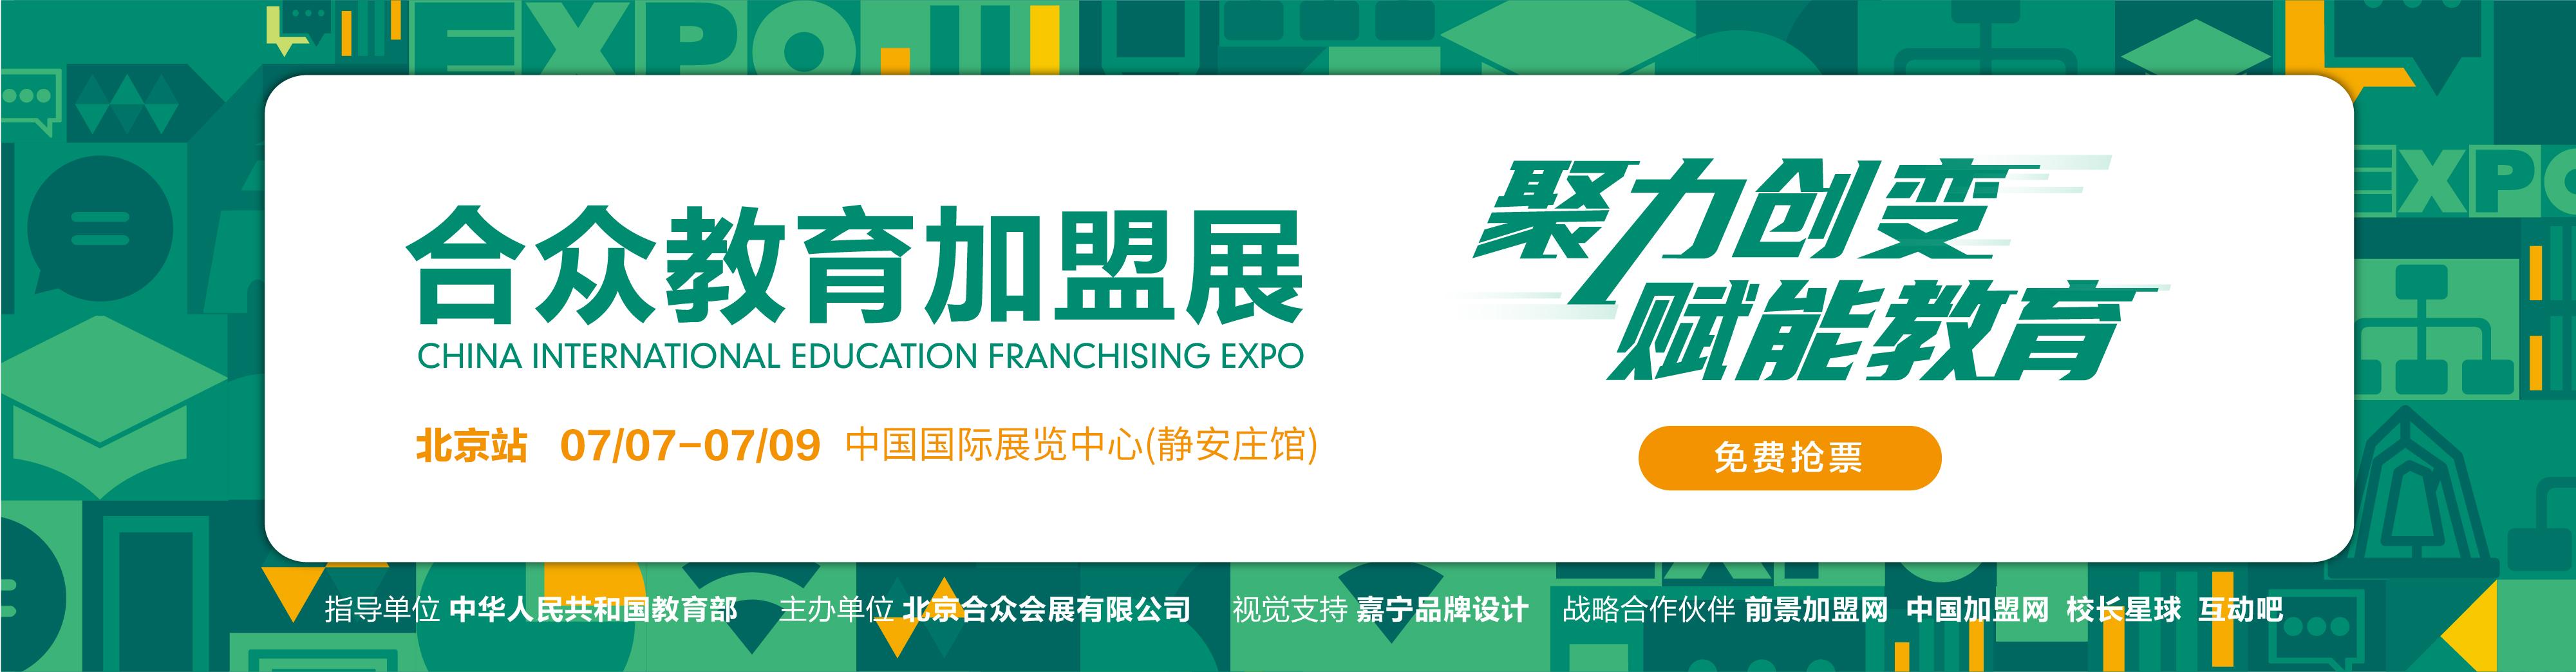 2021北京国际教育品牌连锁加盟博览会将于7月7-9日在北京中国国际展览中心盛大开幕!!!